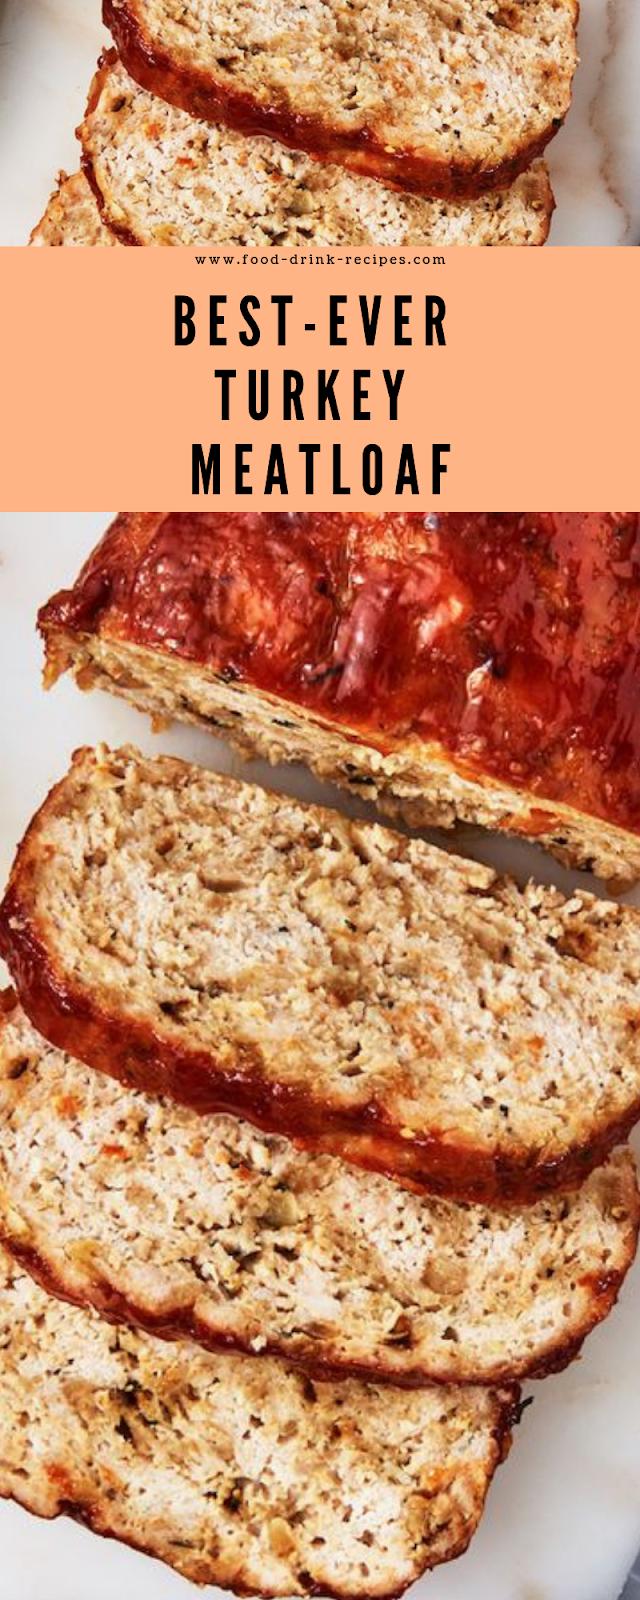 Best-Ever Turkey Meatloaf